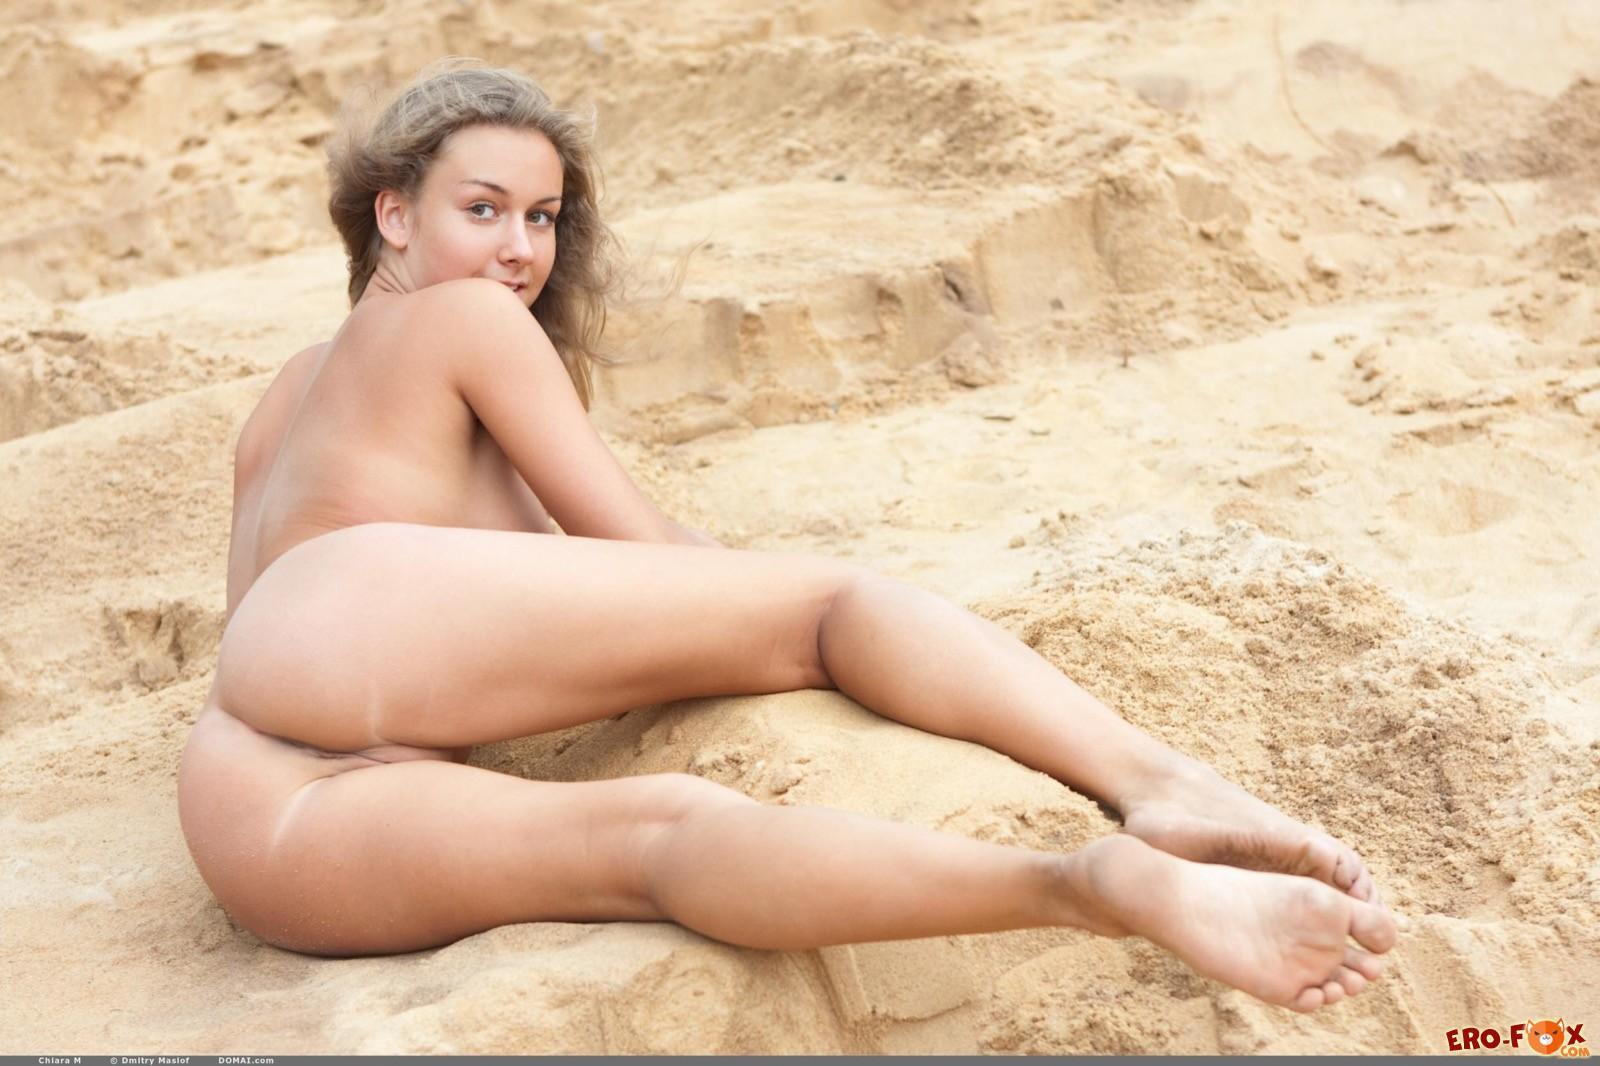 Раздетая модель с загорелым телом валяется в песке